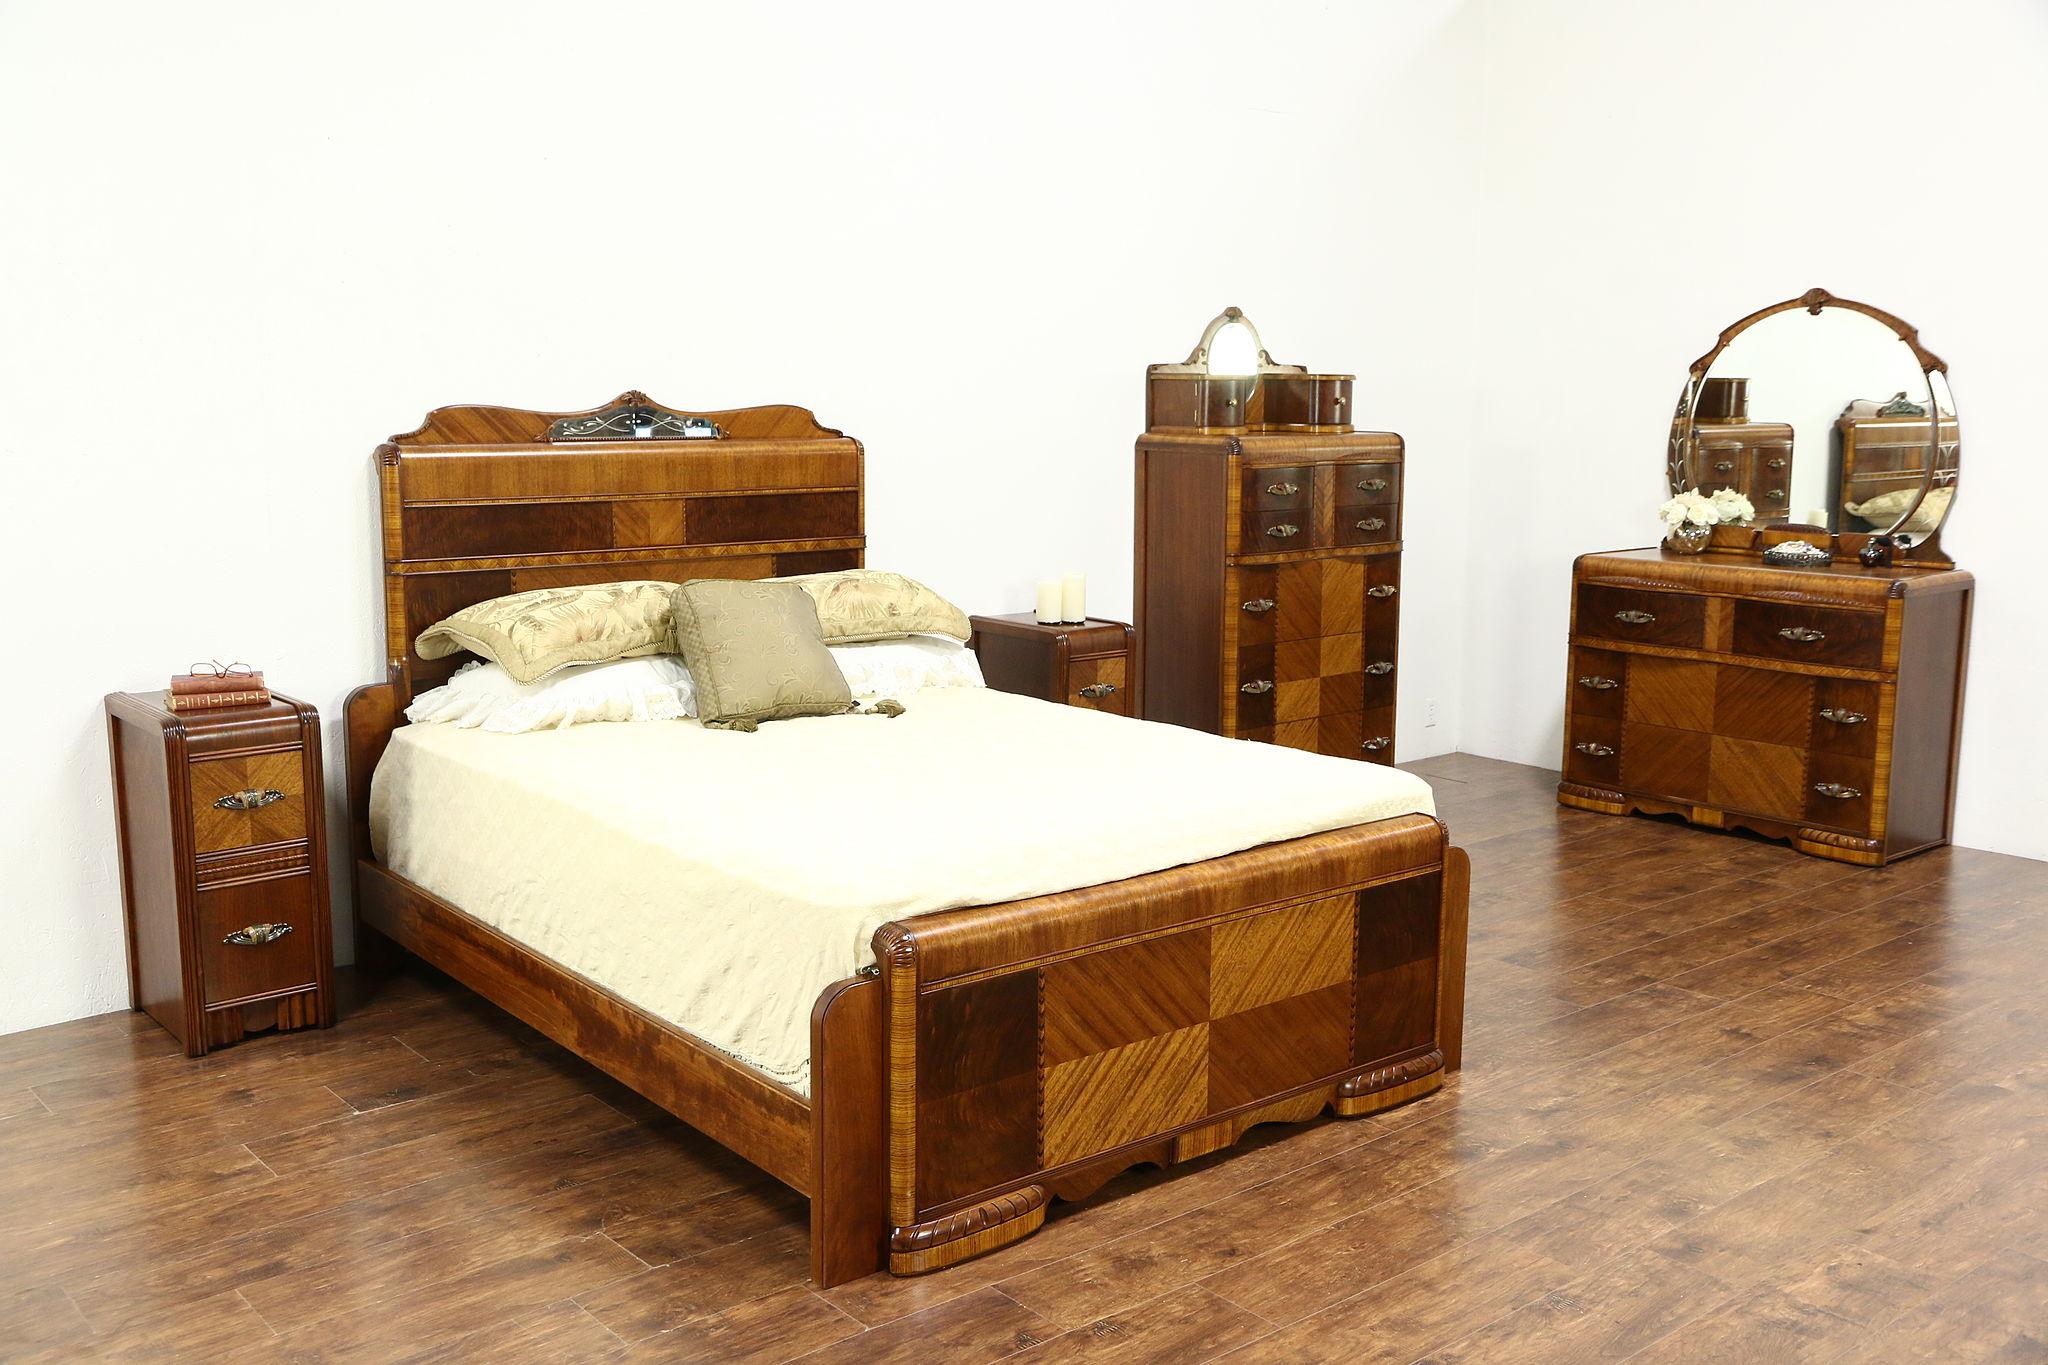 Art Deco 1935 Vintage Waterfall 5 Pc Bedroom Set  Queen Size Bed. SOLD   Art Deco 1935 Vintage Waterfall 5 Pc Bedroom Set  Queen